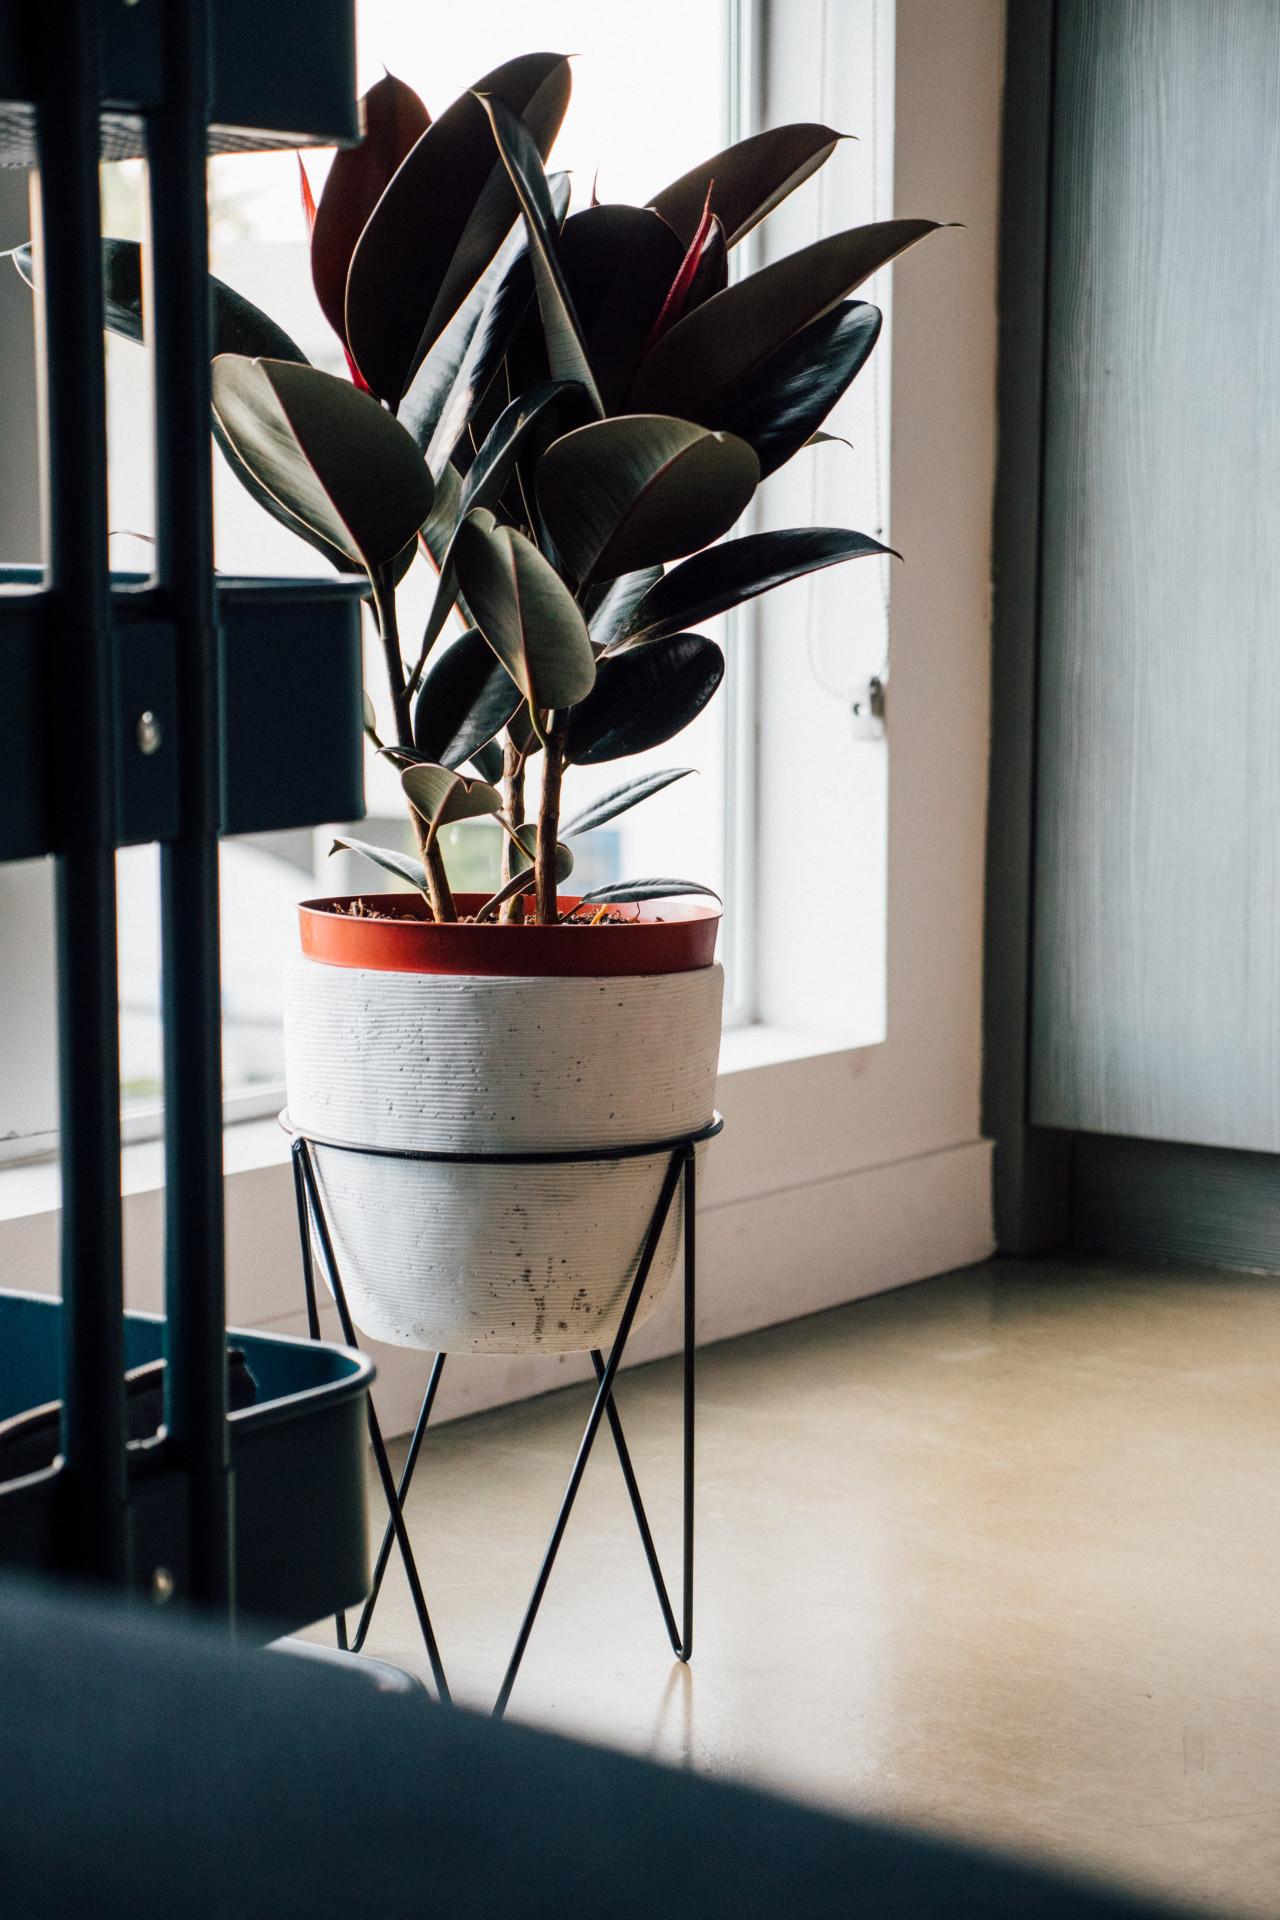 ต้นไม้ฟอกอากาศในห้องนอน ยางอินเดีย Rubber Plant